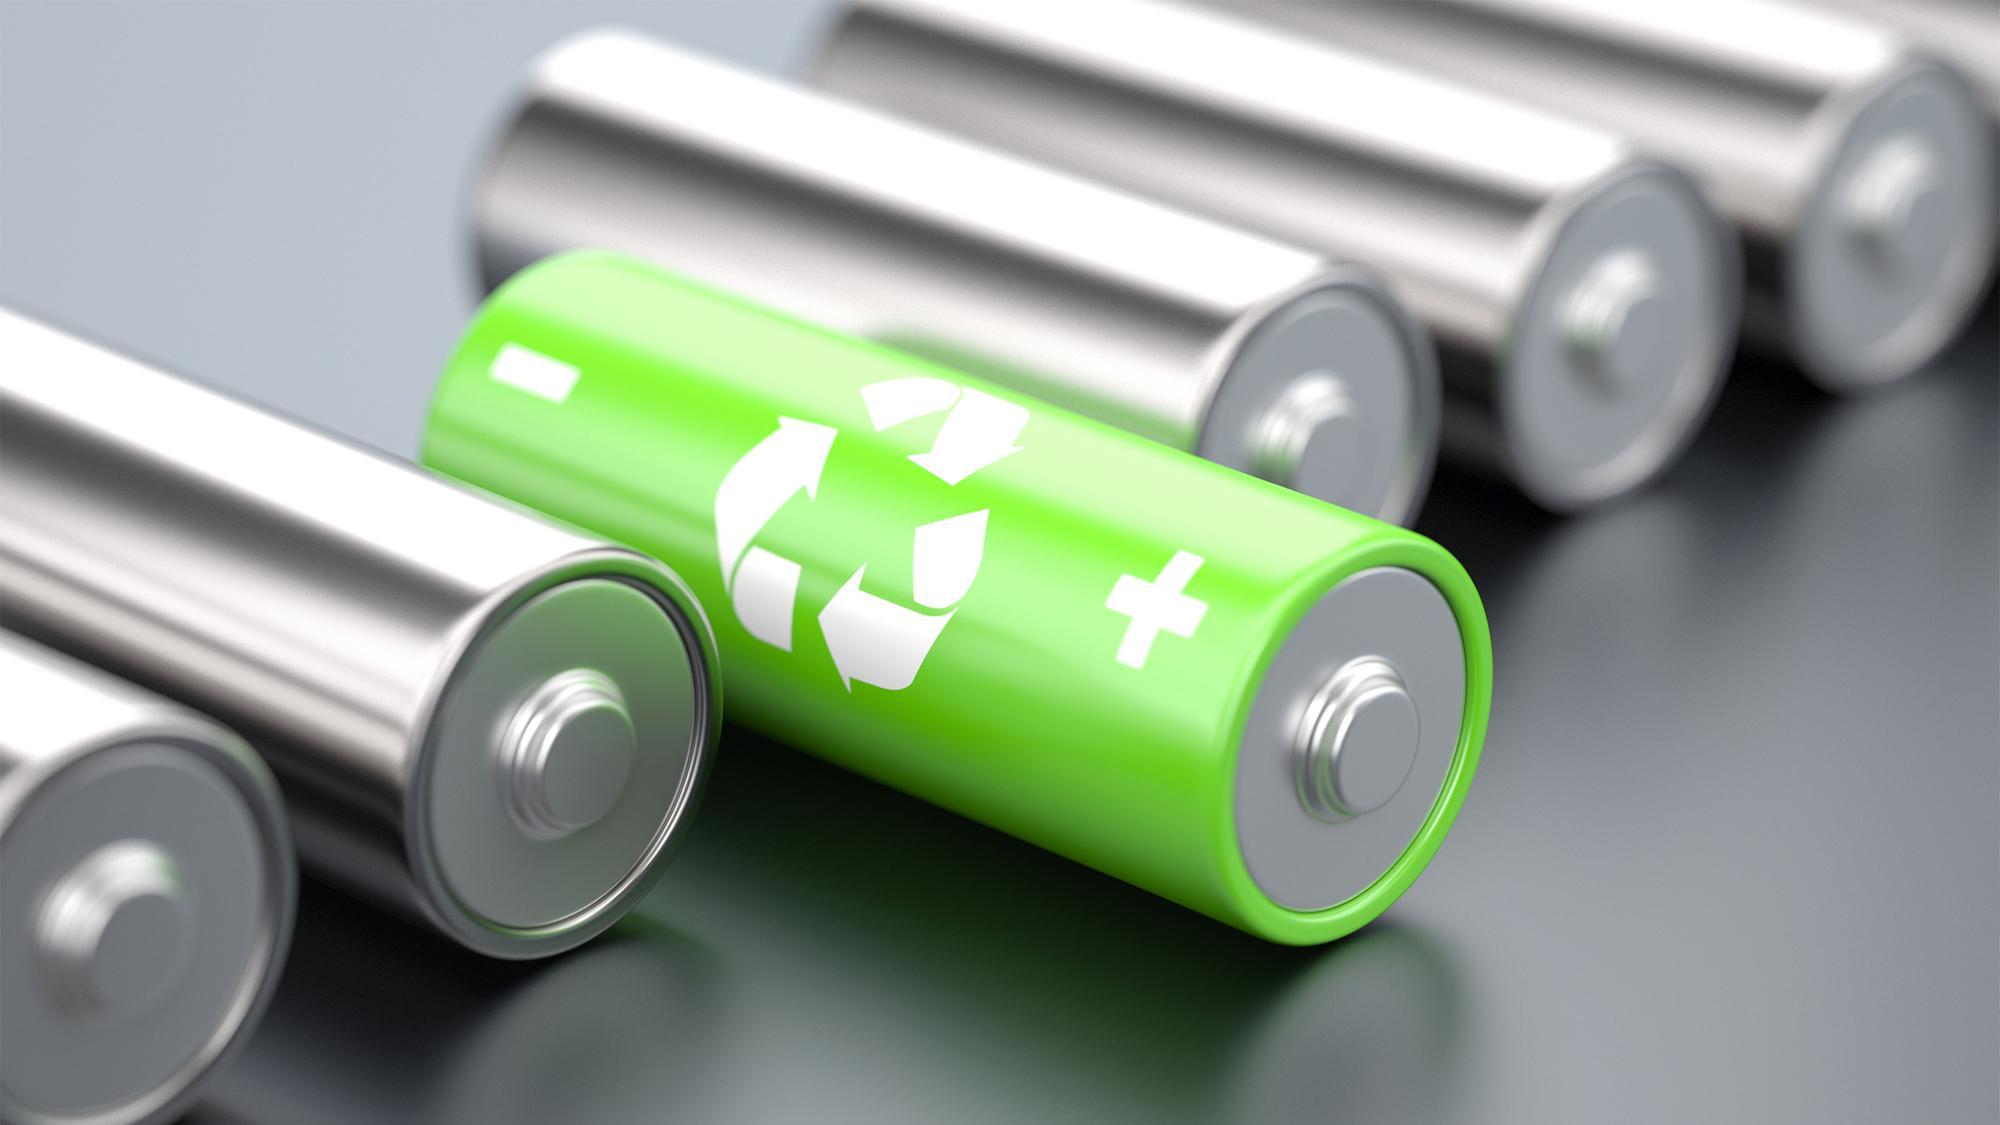 Проглоченная батарейка вызвала симптомы инфаркта миокарда